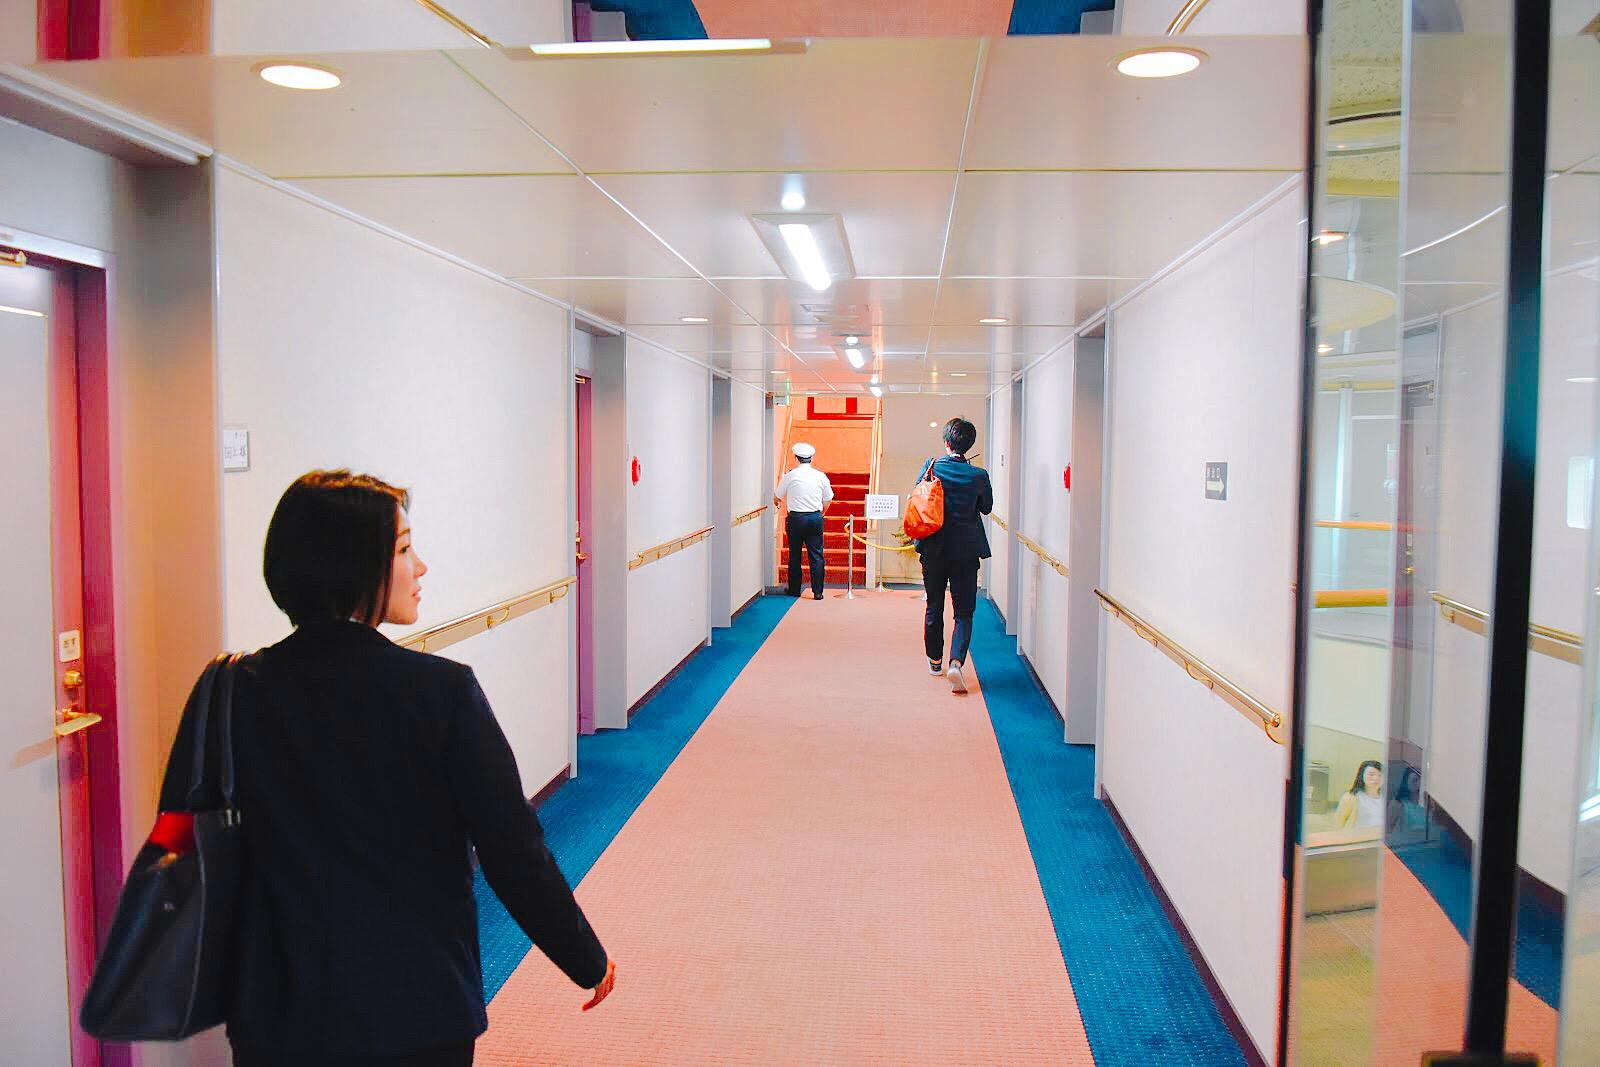 スイートルームへの廊下